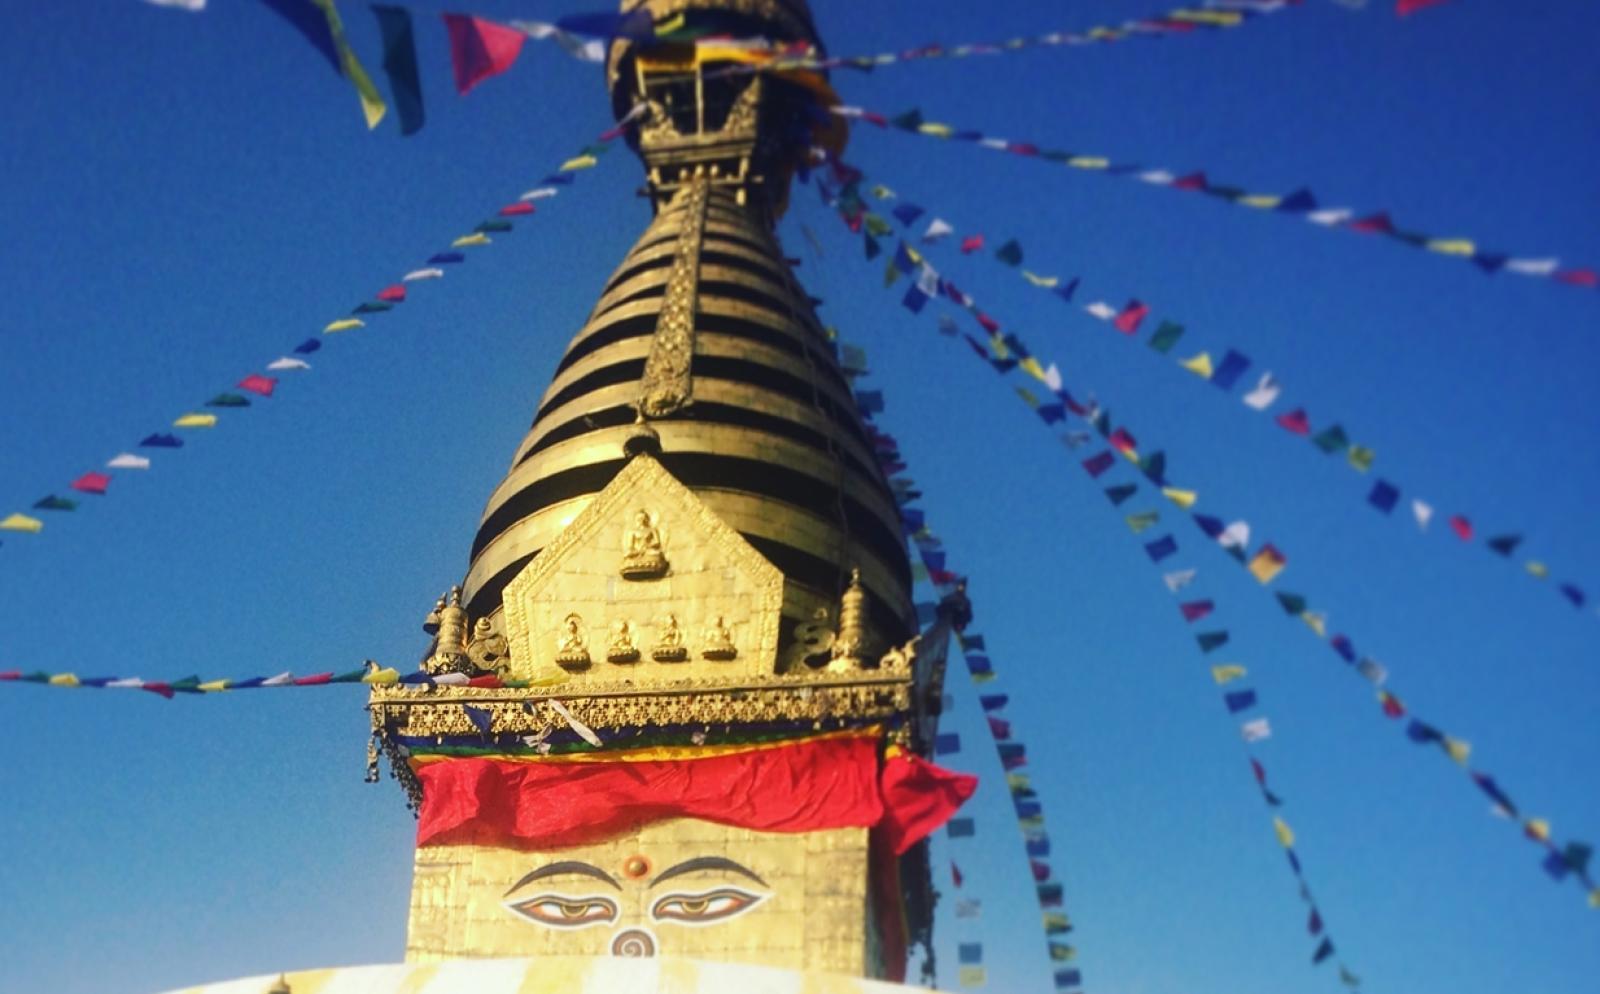 チャイルドケアボランティア徳丸実莉さんが見たネパールの景色